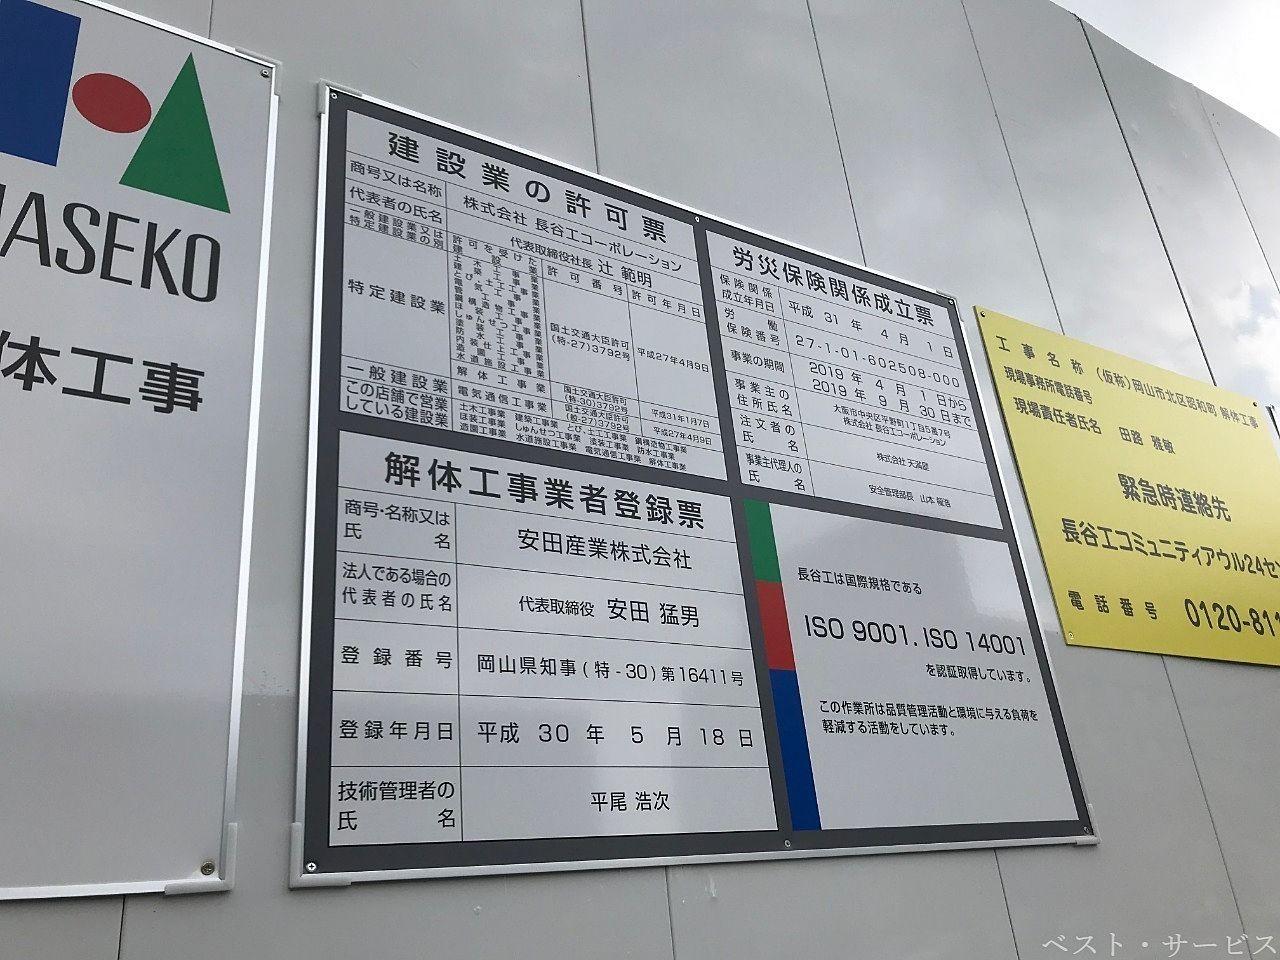 昭和町再開発,遊プラザ跡地再開発,都心再生プロジェクト,岡山駅西口の魅力アップ,都心部人口集積プロジェクト